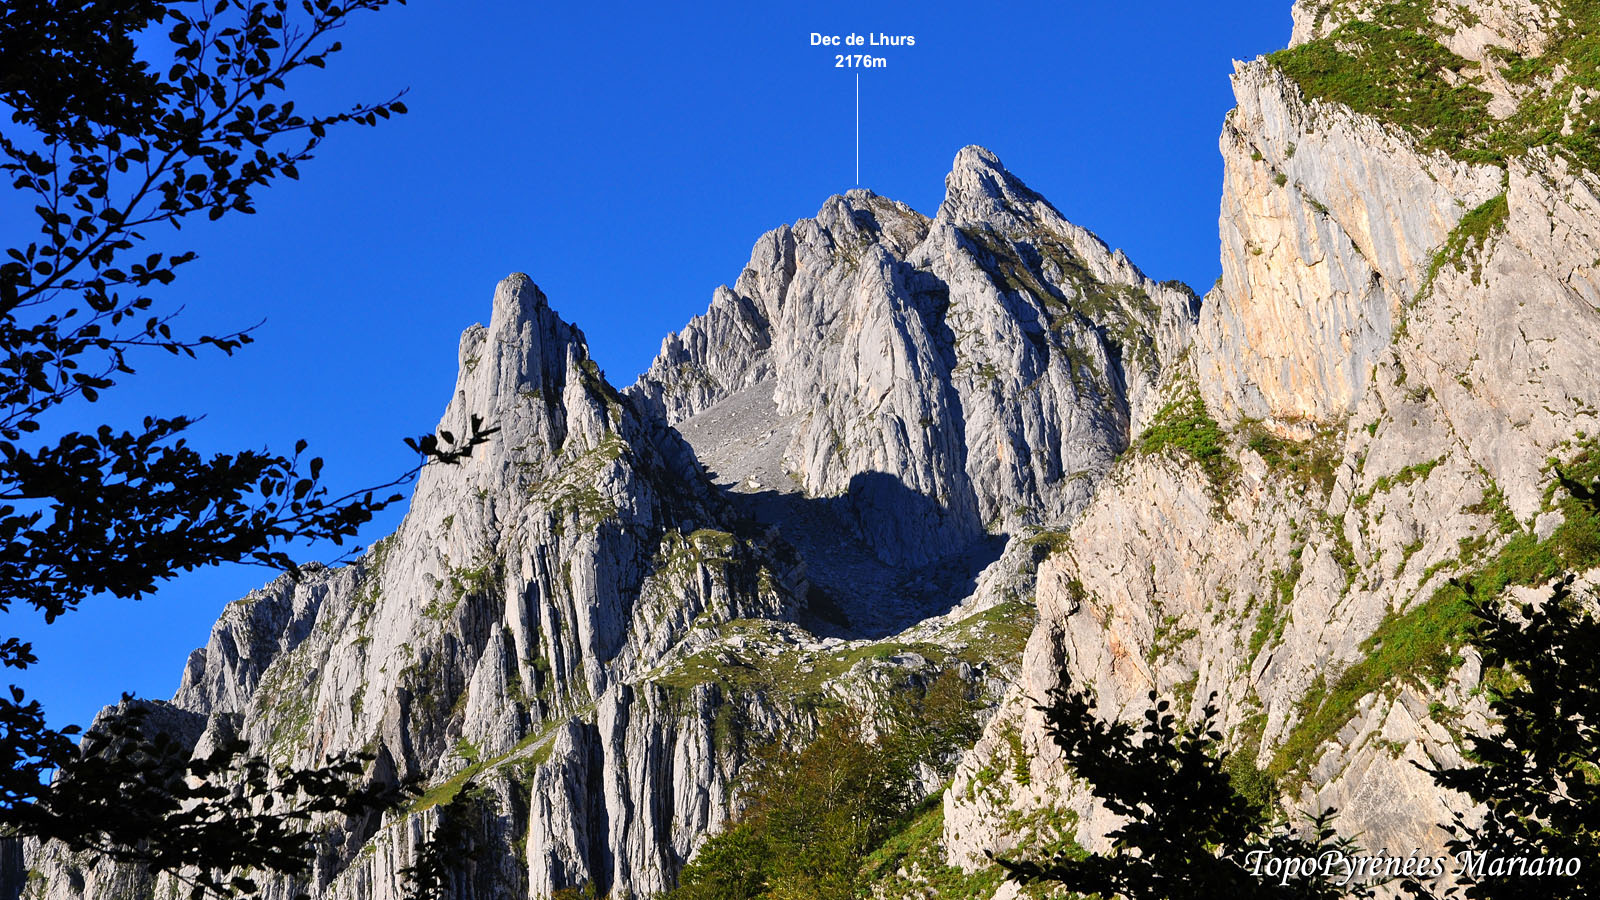 Randonnée Dec de Lhurs en boucle (2176m)